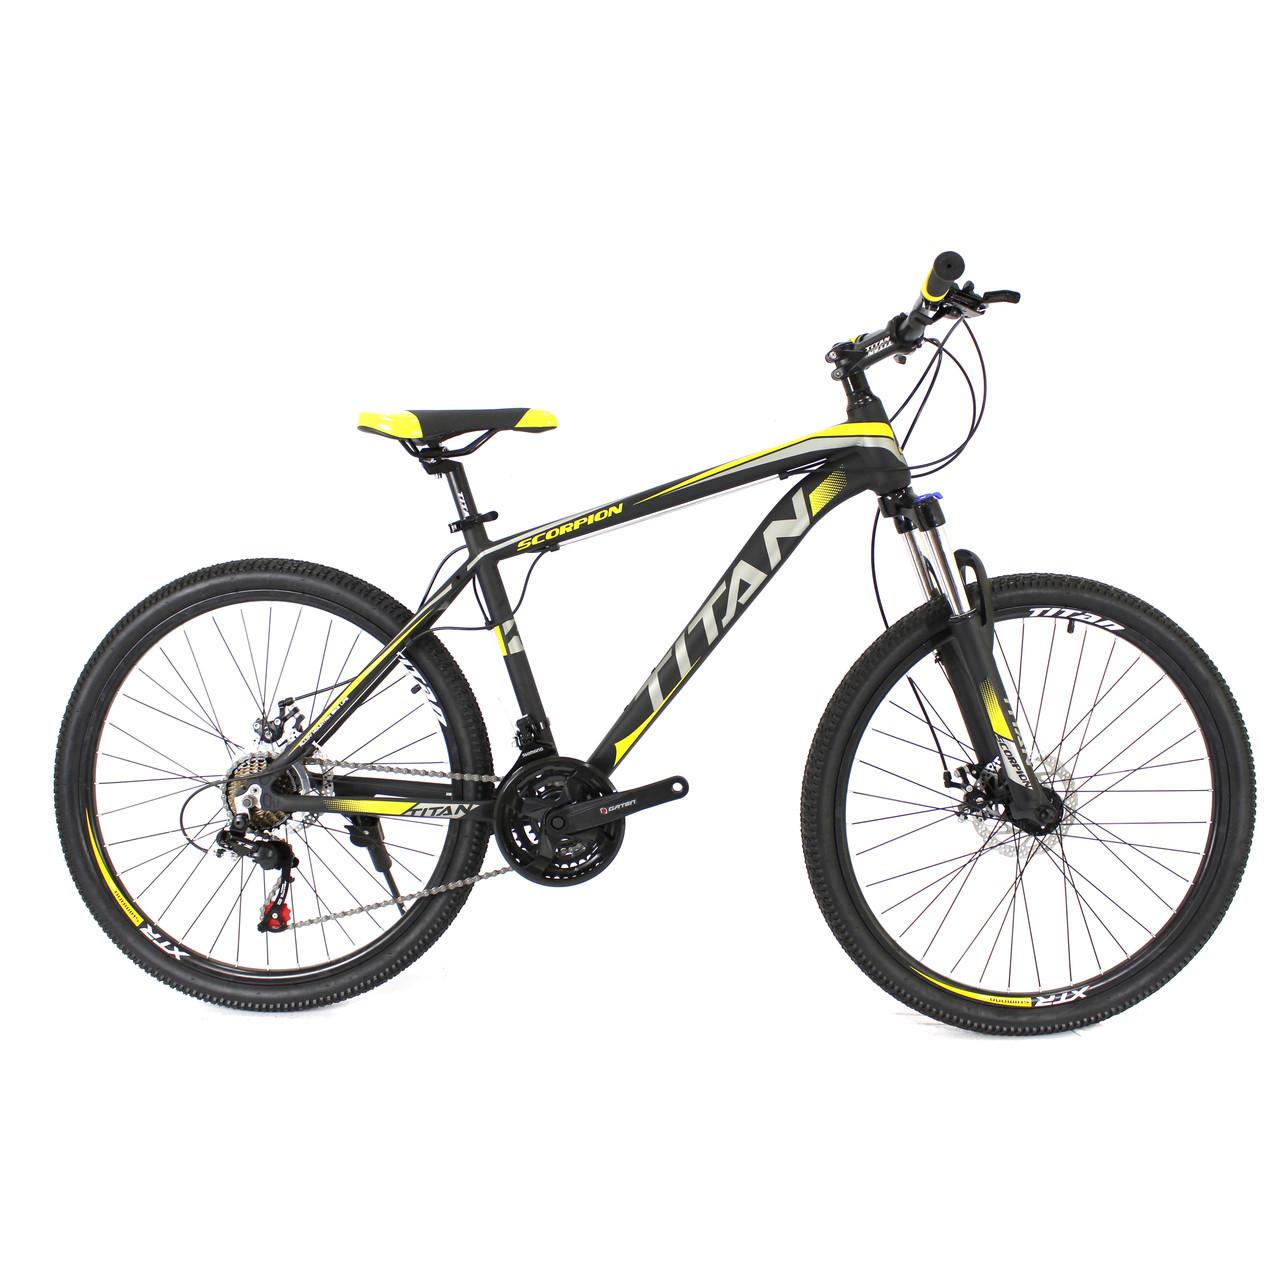 🚲Горный алюминиевый велосипед TITAN SCORPION DD; рама 17; колеса 26